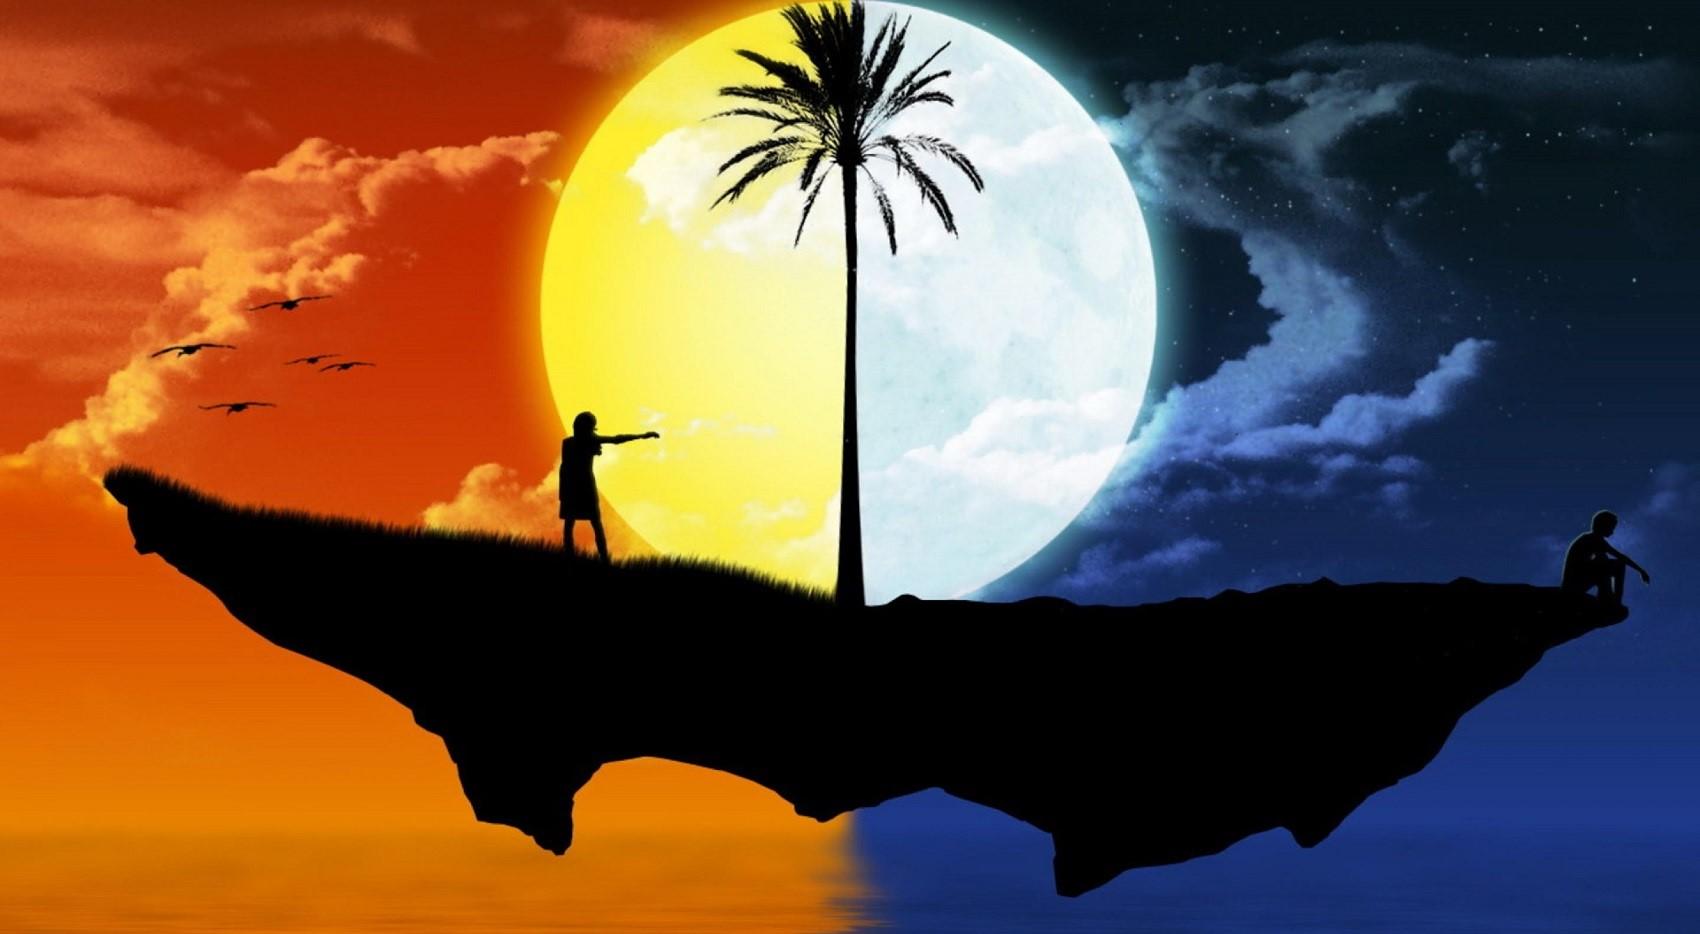 Dia Y Noche por Jose A Gomez #micropoetry #poesia at spillwords.com